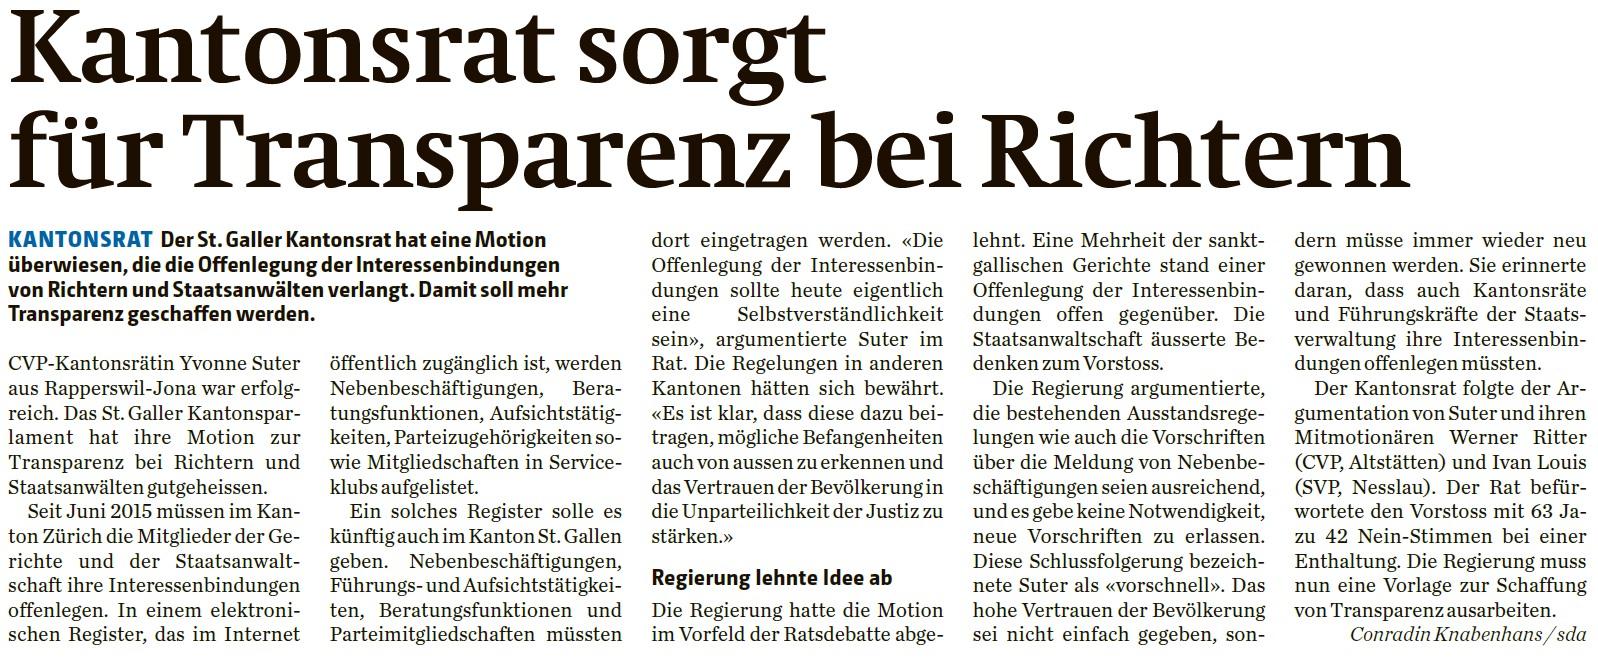 Kantonsrat sorgt für Transparenz bei Richtern (Mittwoch, 27.04.2016)